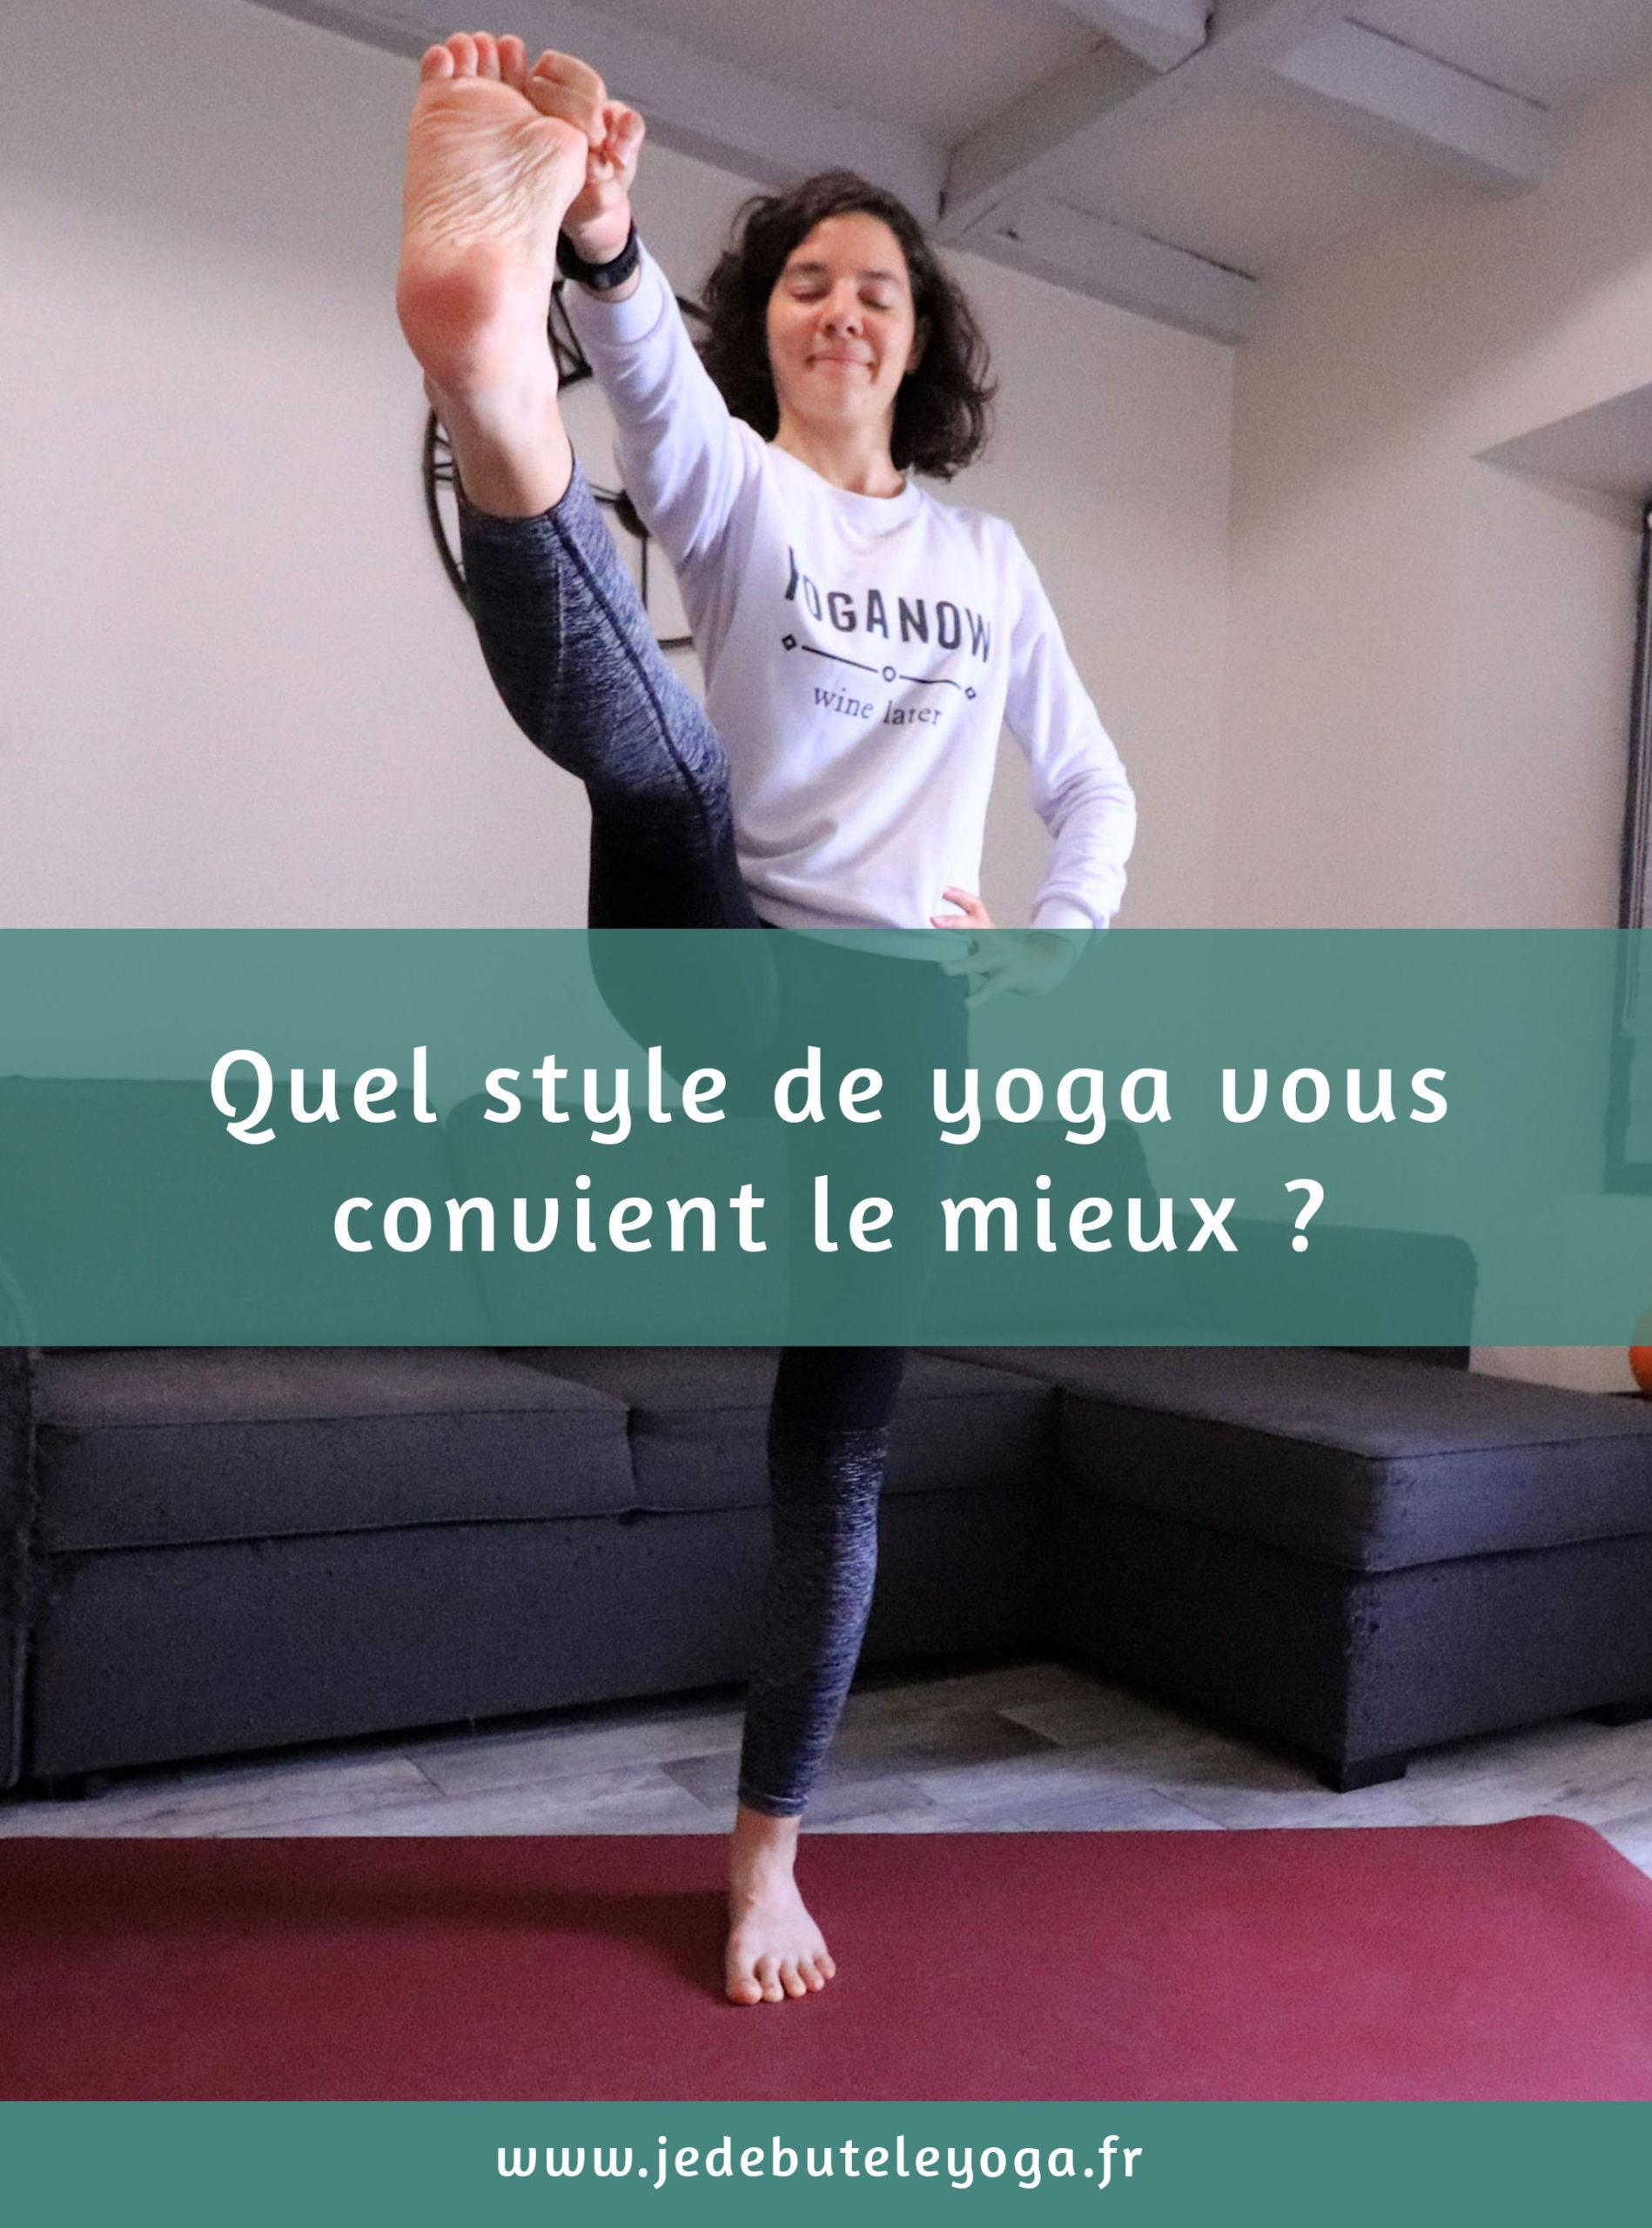 épingle pinterest quel style de yoga vous va le mieux